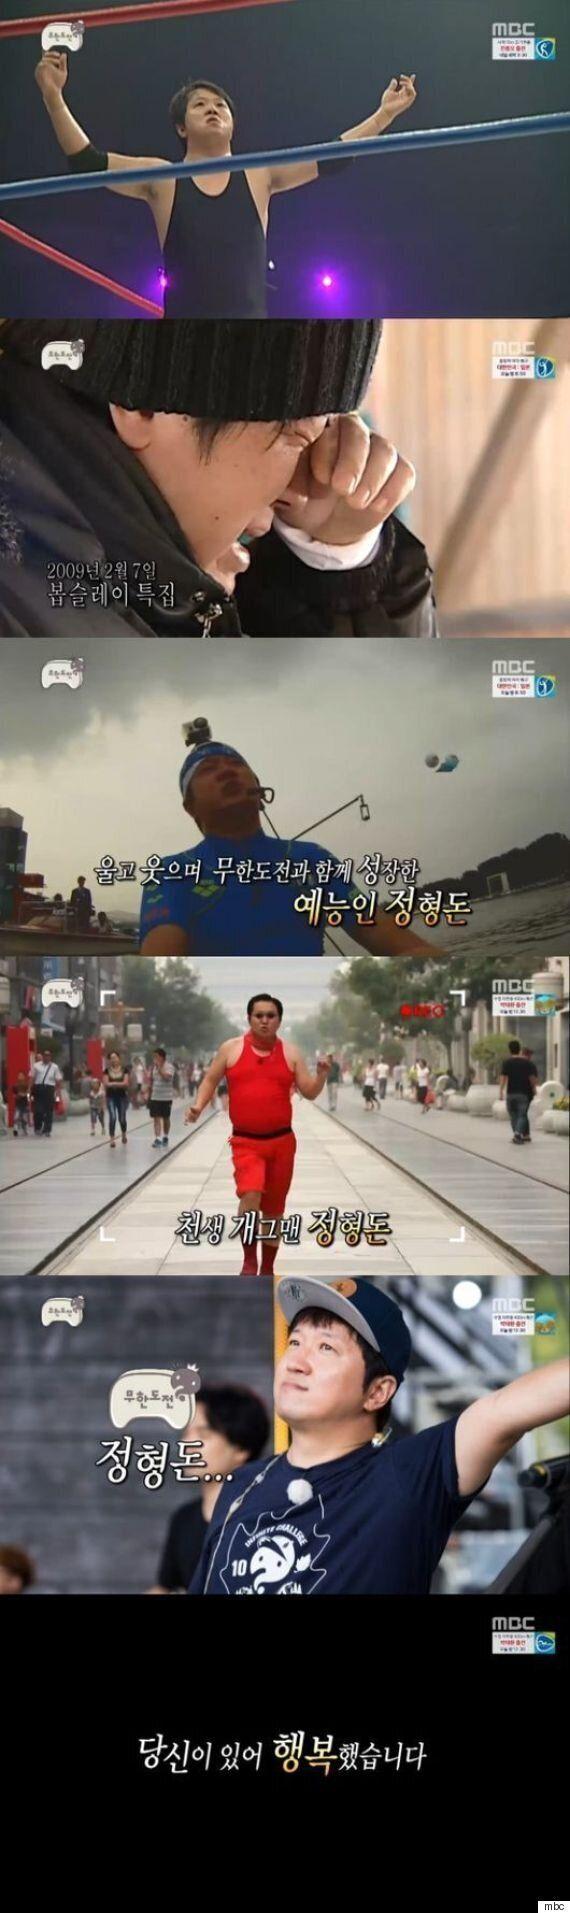 [어저께TV] '무도' 품격 있는 이별, 굿바이 마이 프렌드